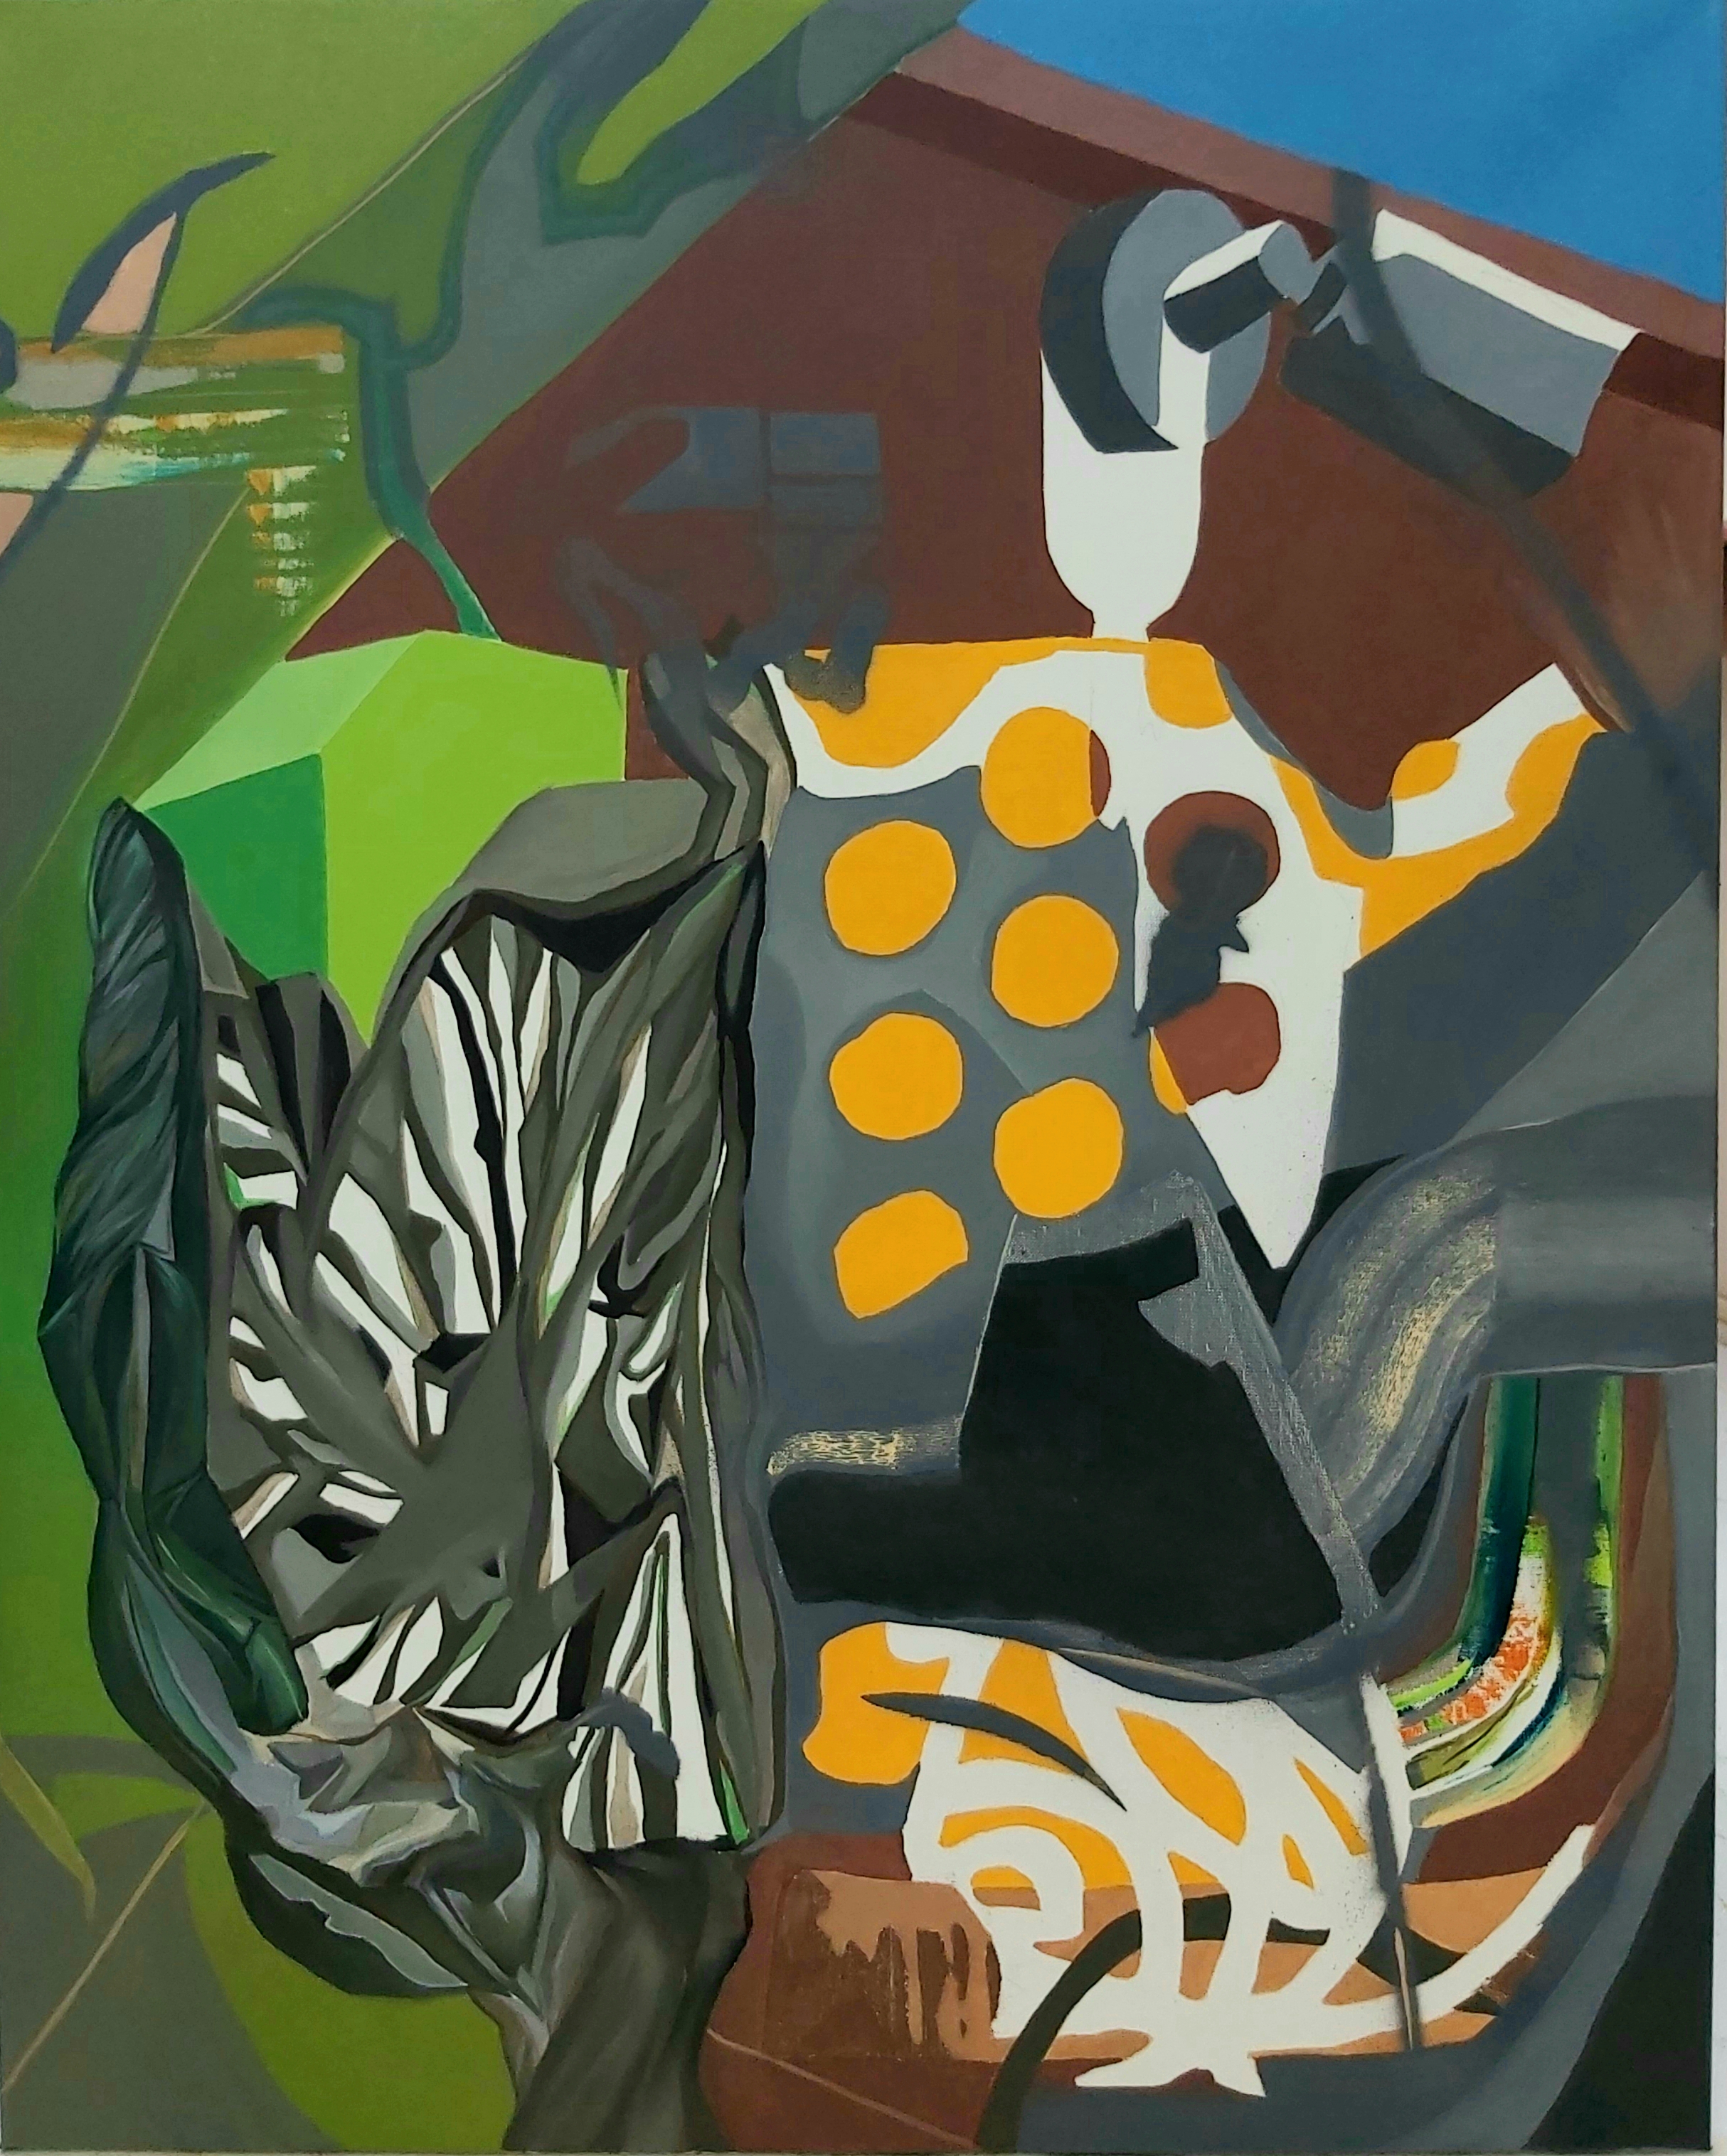 Nahuel Rinaudo, o.T. 2020, 100 x 80 cm